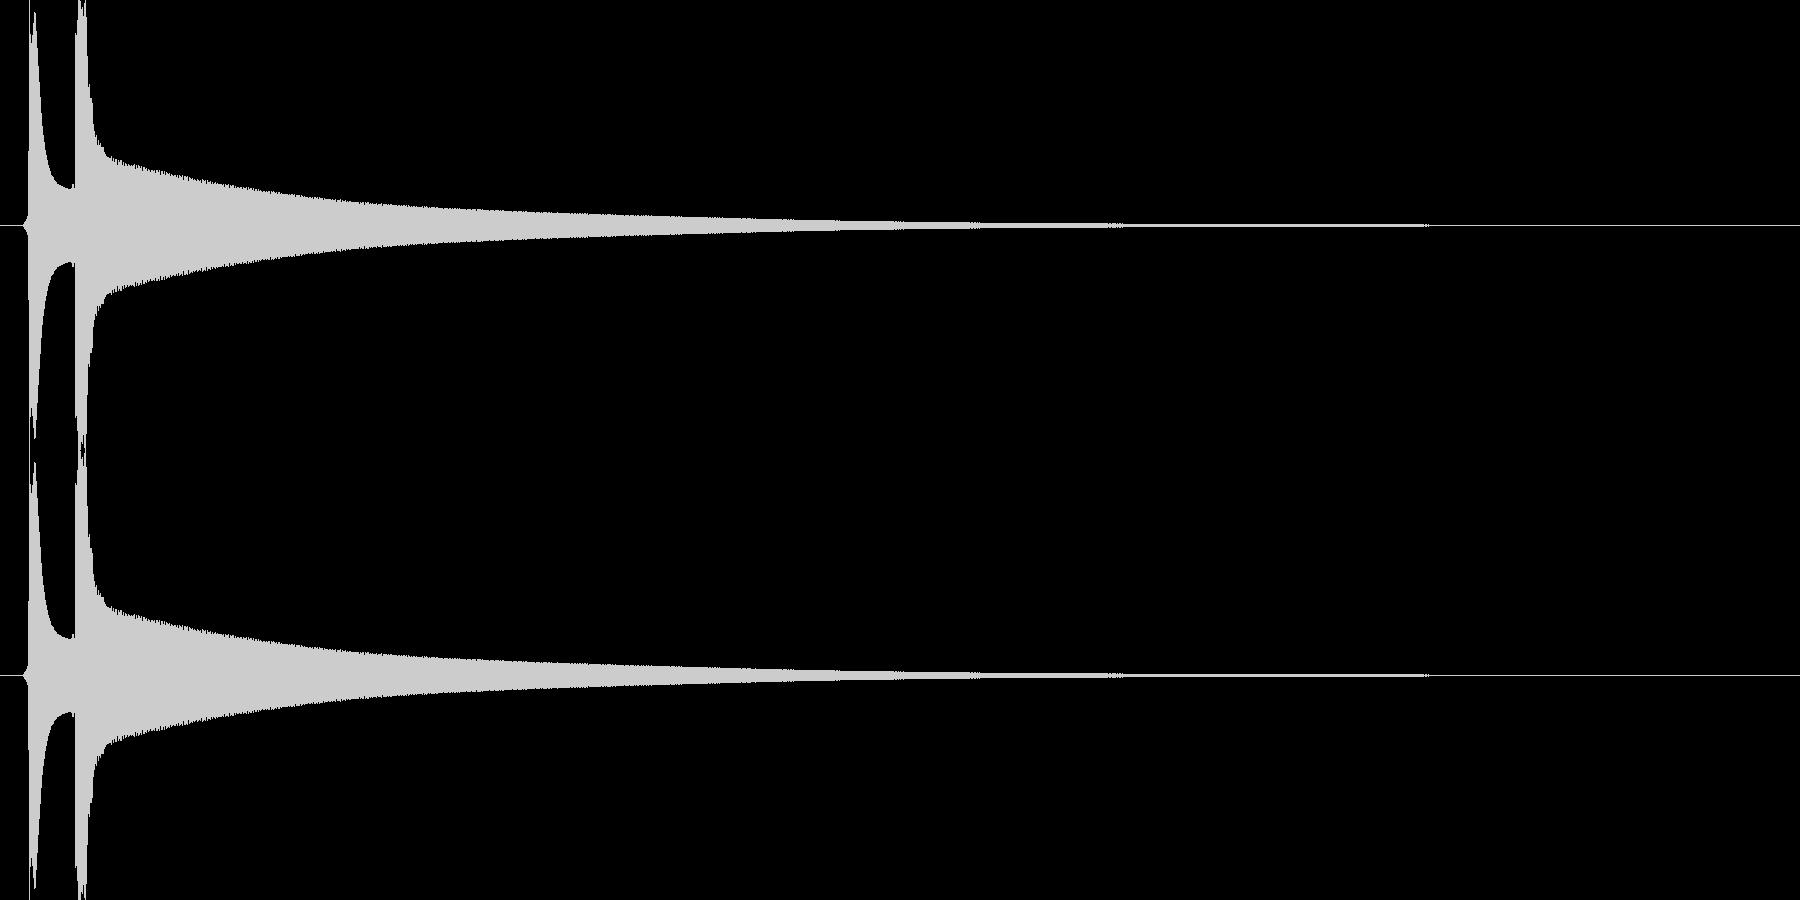 【SE】ピキーン01(シンプル)の未再生の波形